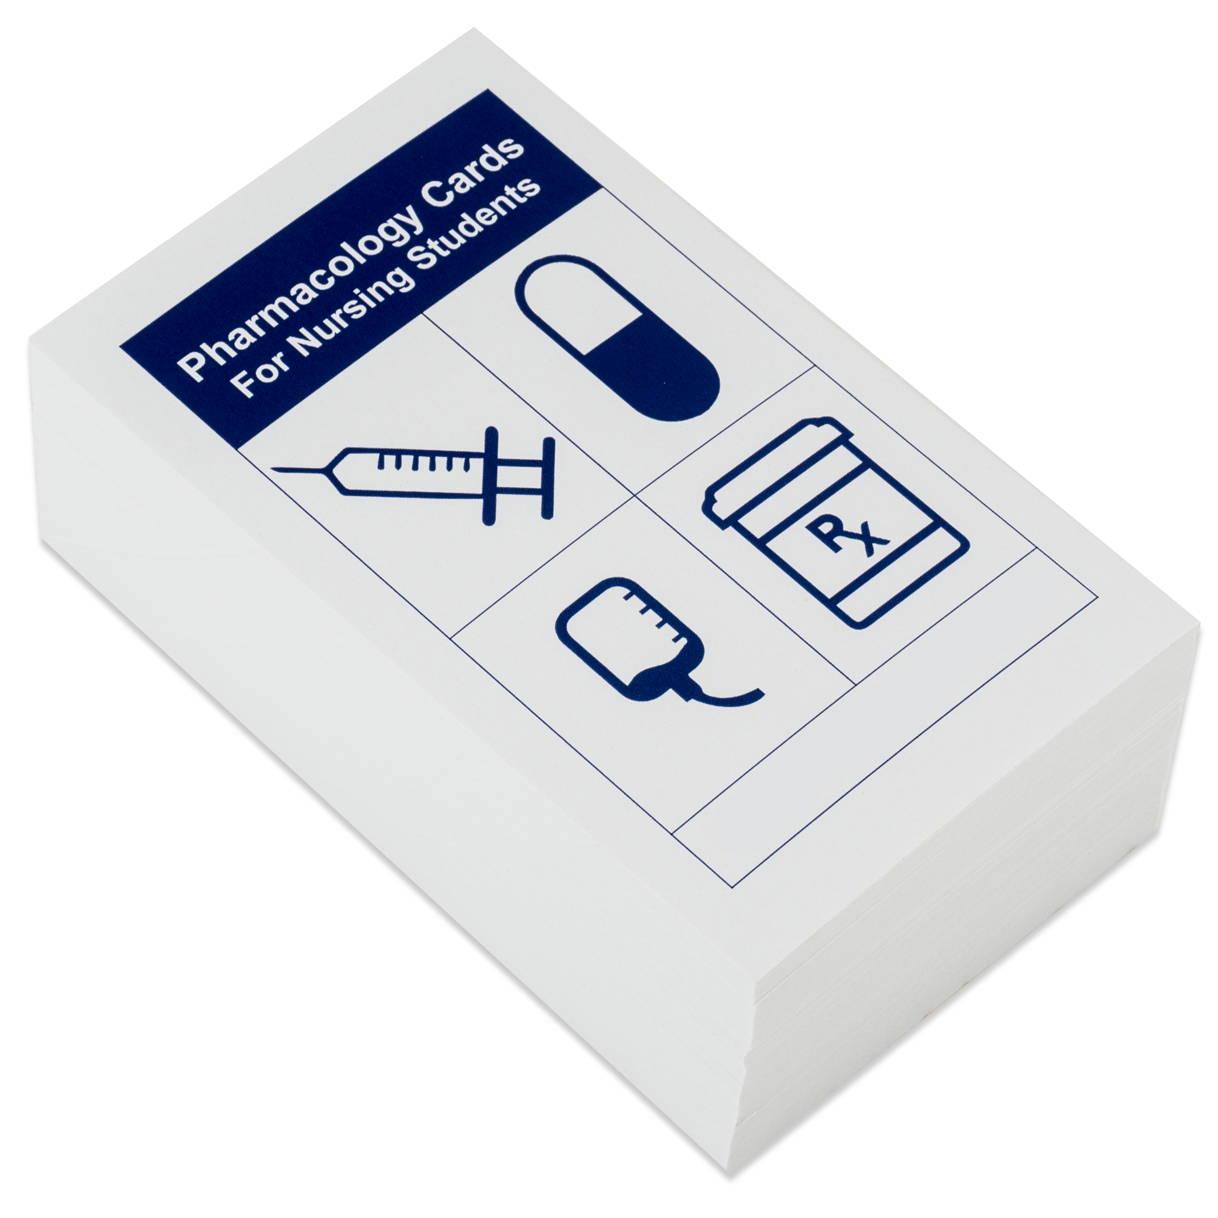 LevelUpRN Pharmacology Flashcards Pack